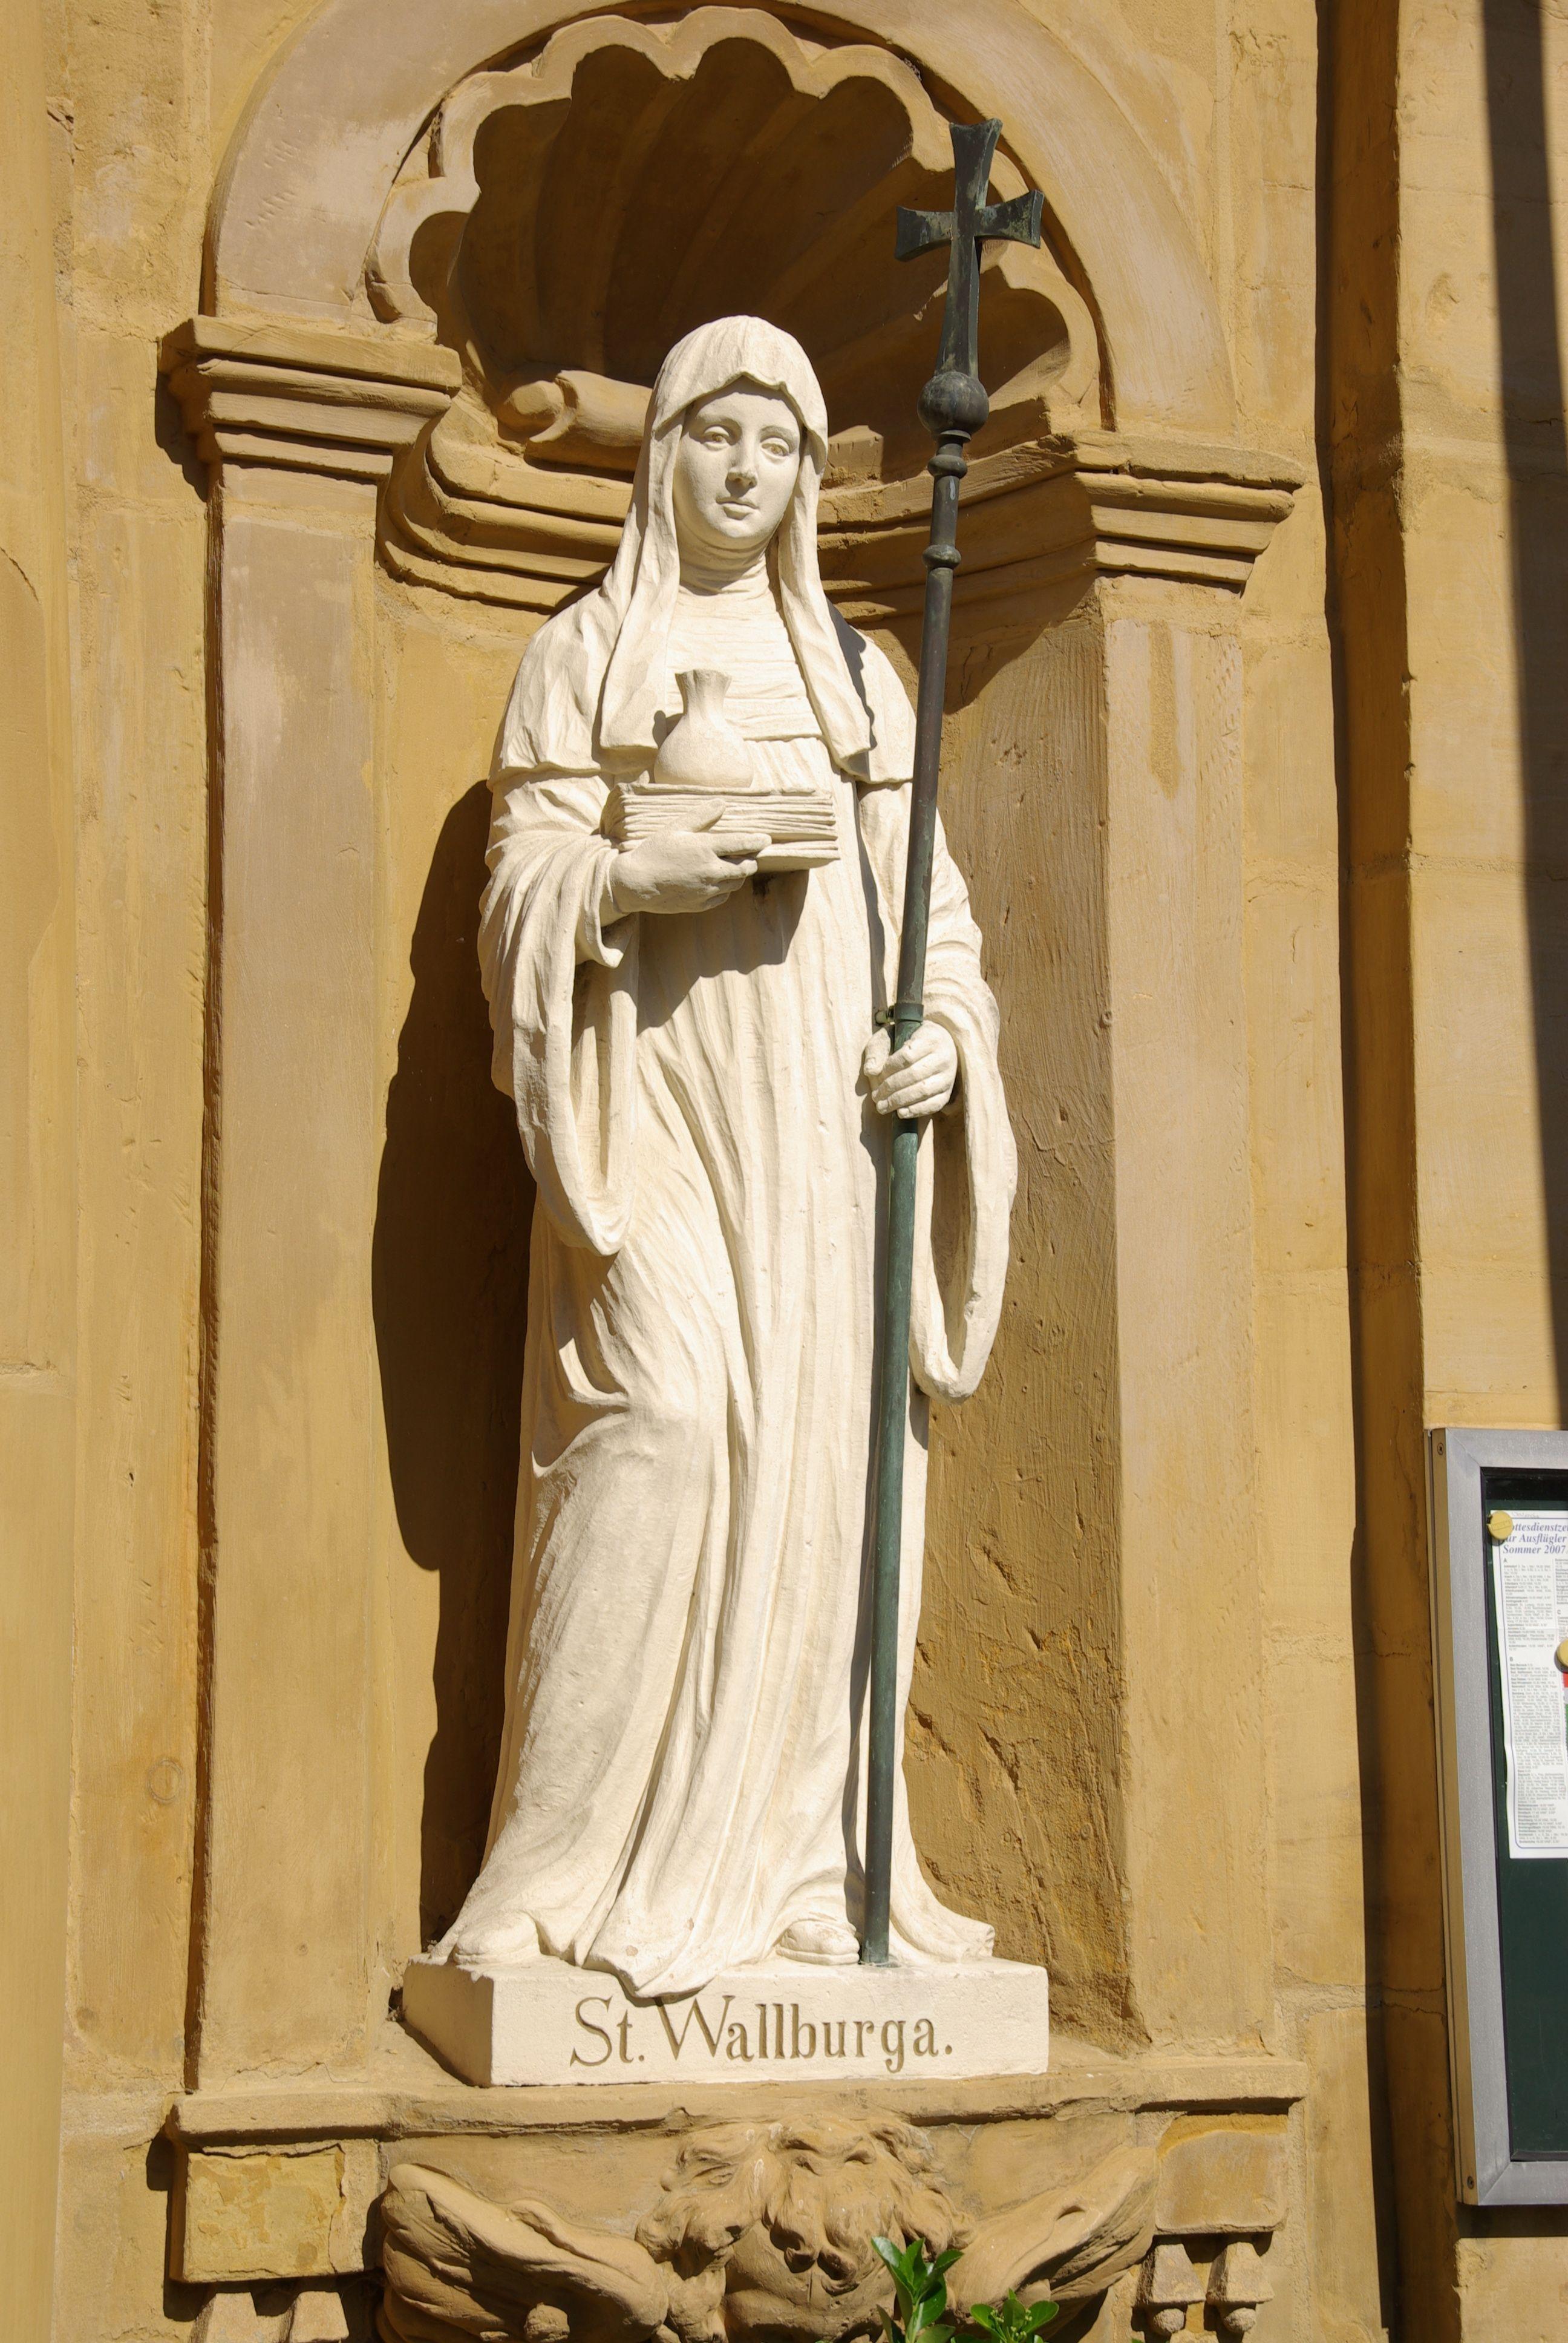 Die Heilige Walburga mit ihren Attributen, Buch und